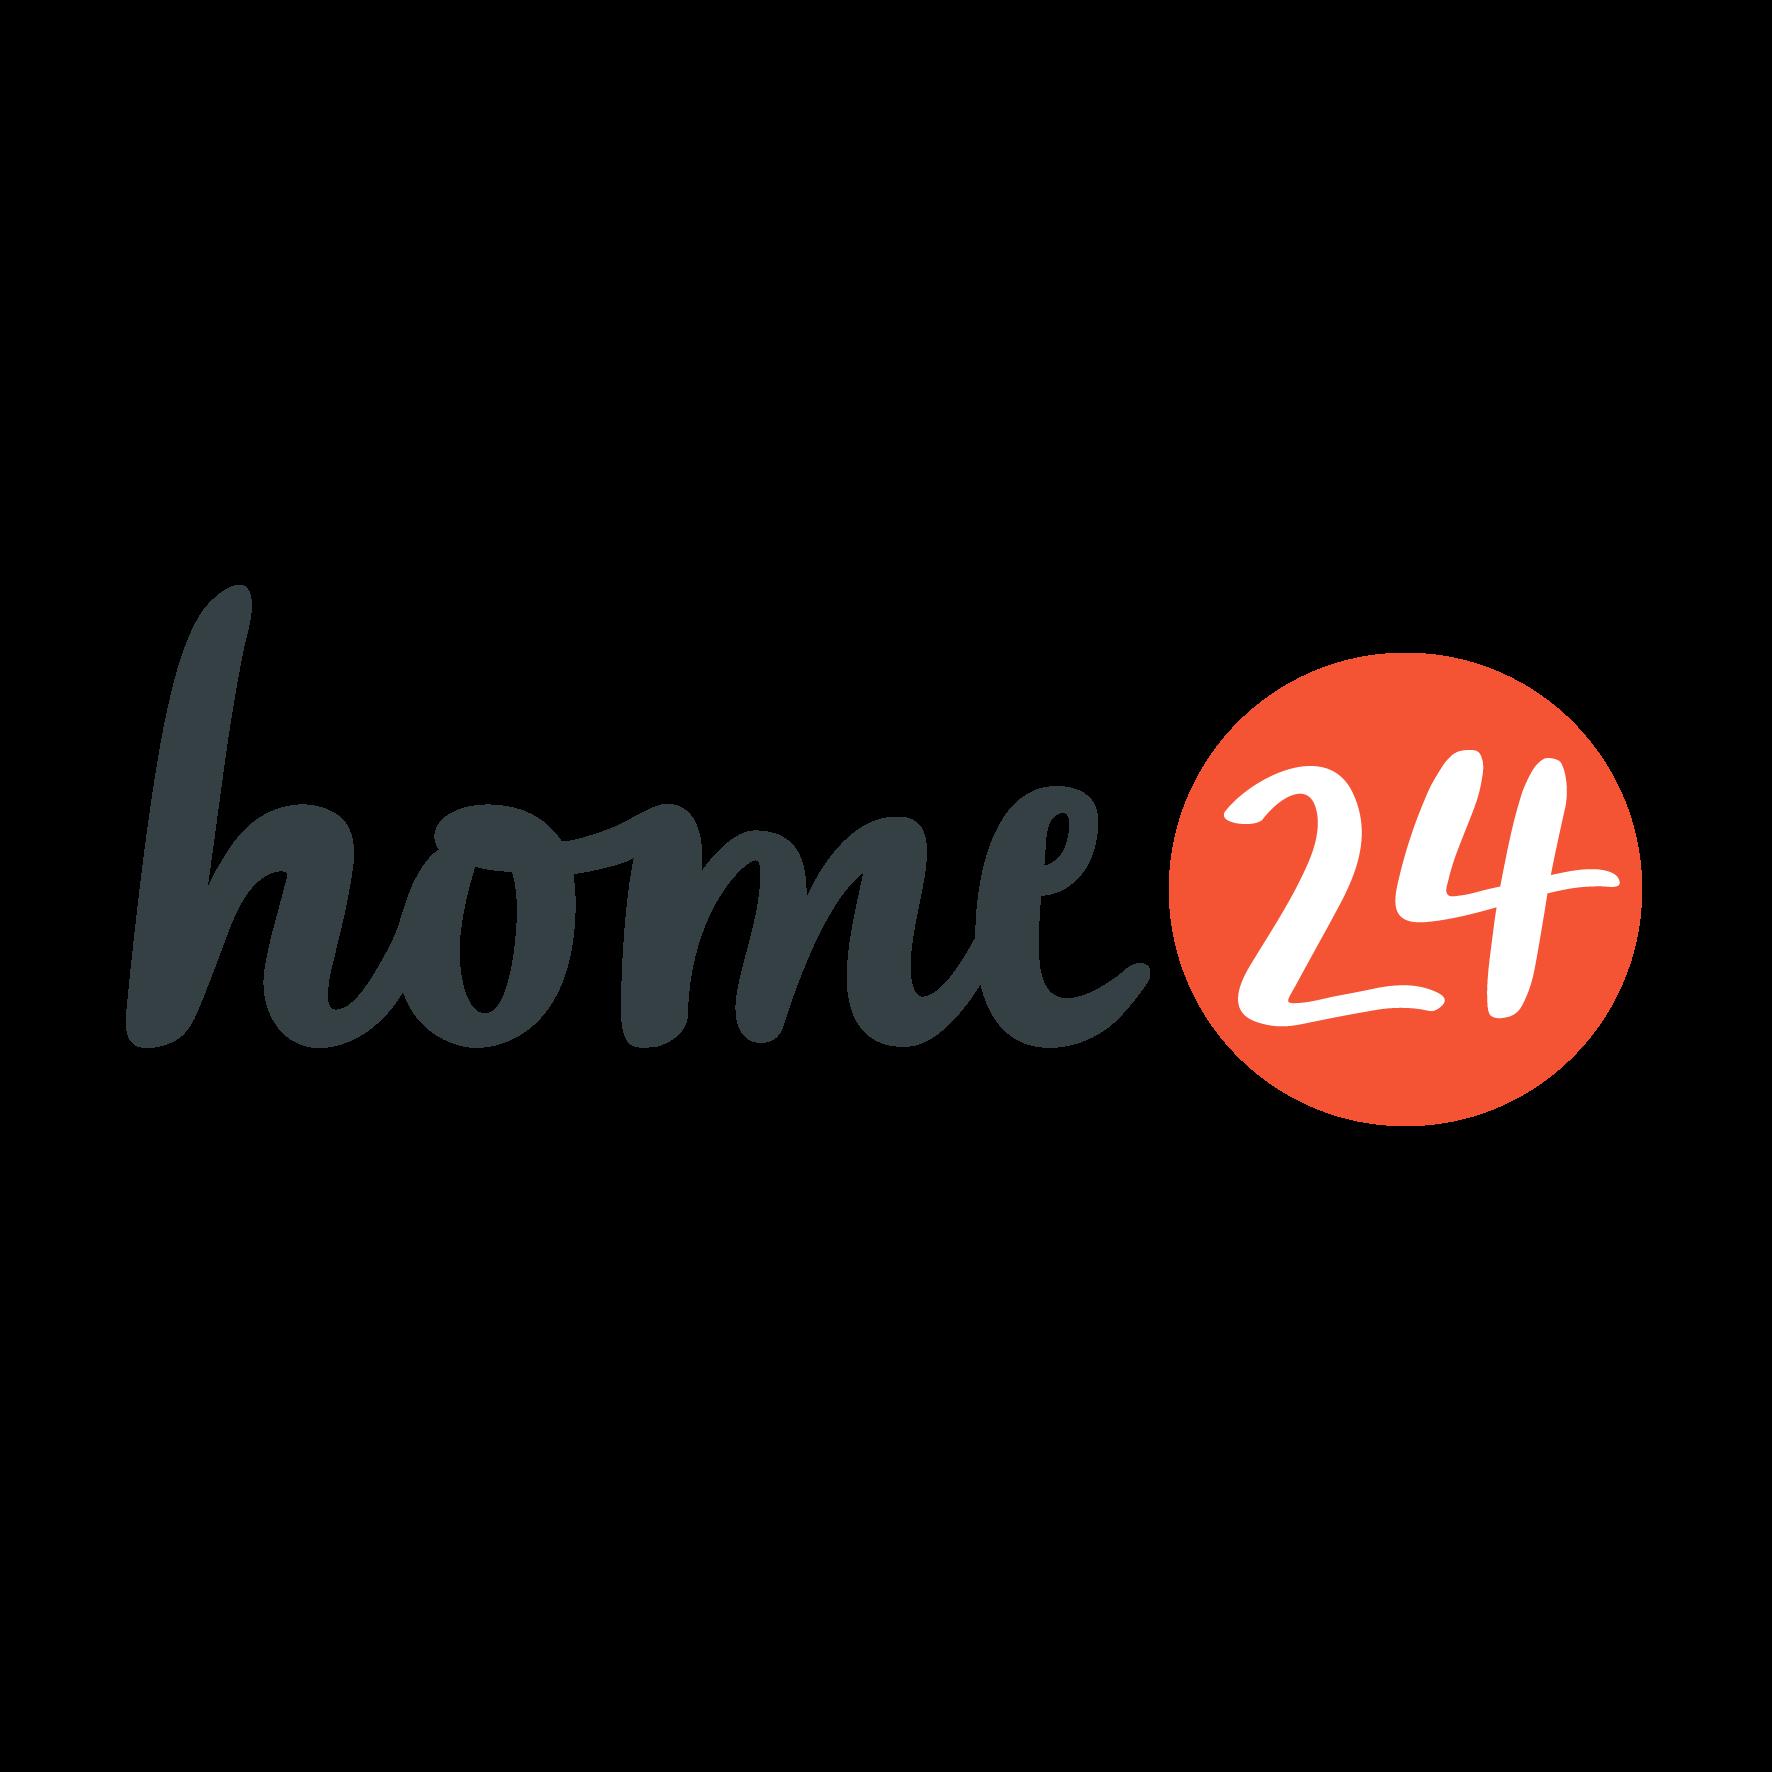 Les De Home24Lisez Avis Clients BoCdxe